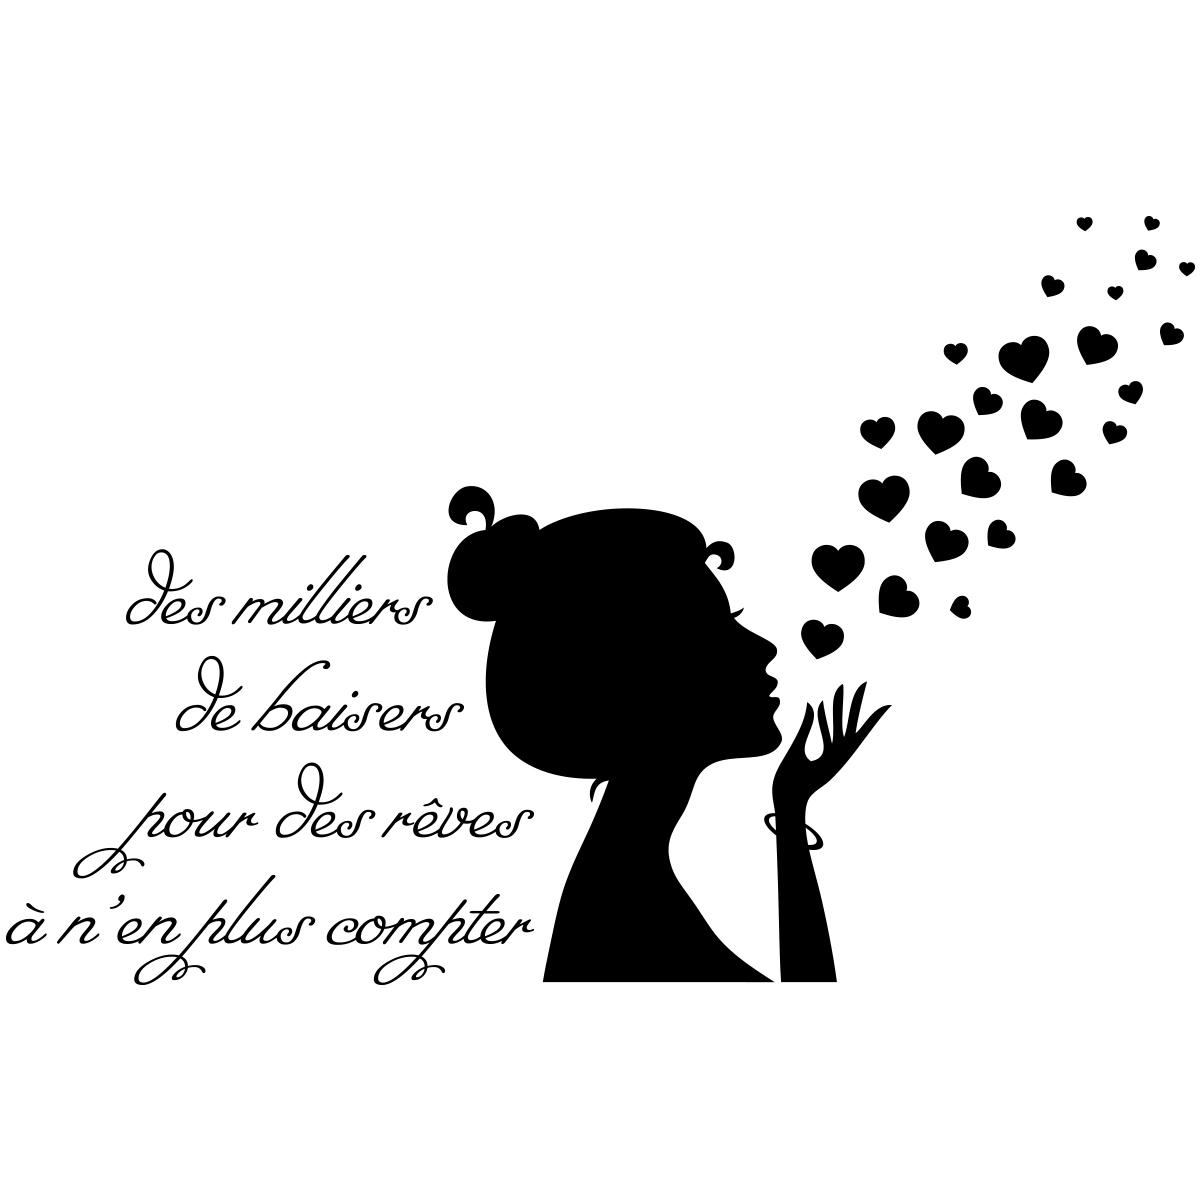 Sticker citation Des milliers de baiser pour des rves  Stickers Musique  Cinema Silhouettes